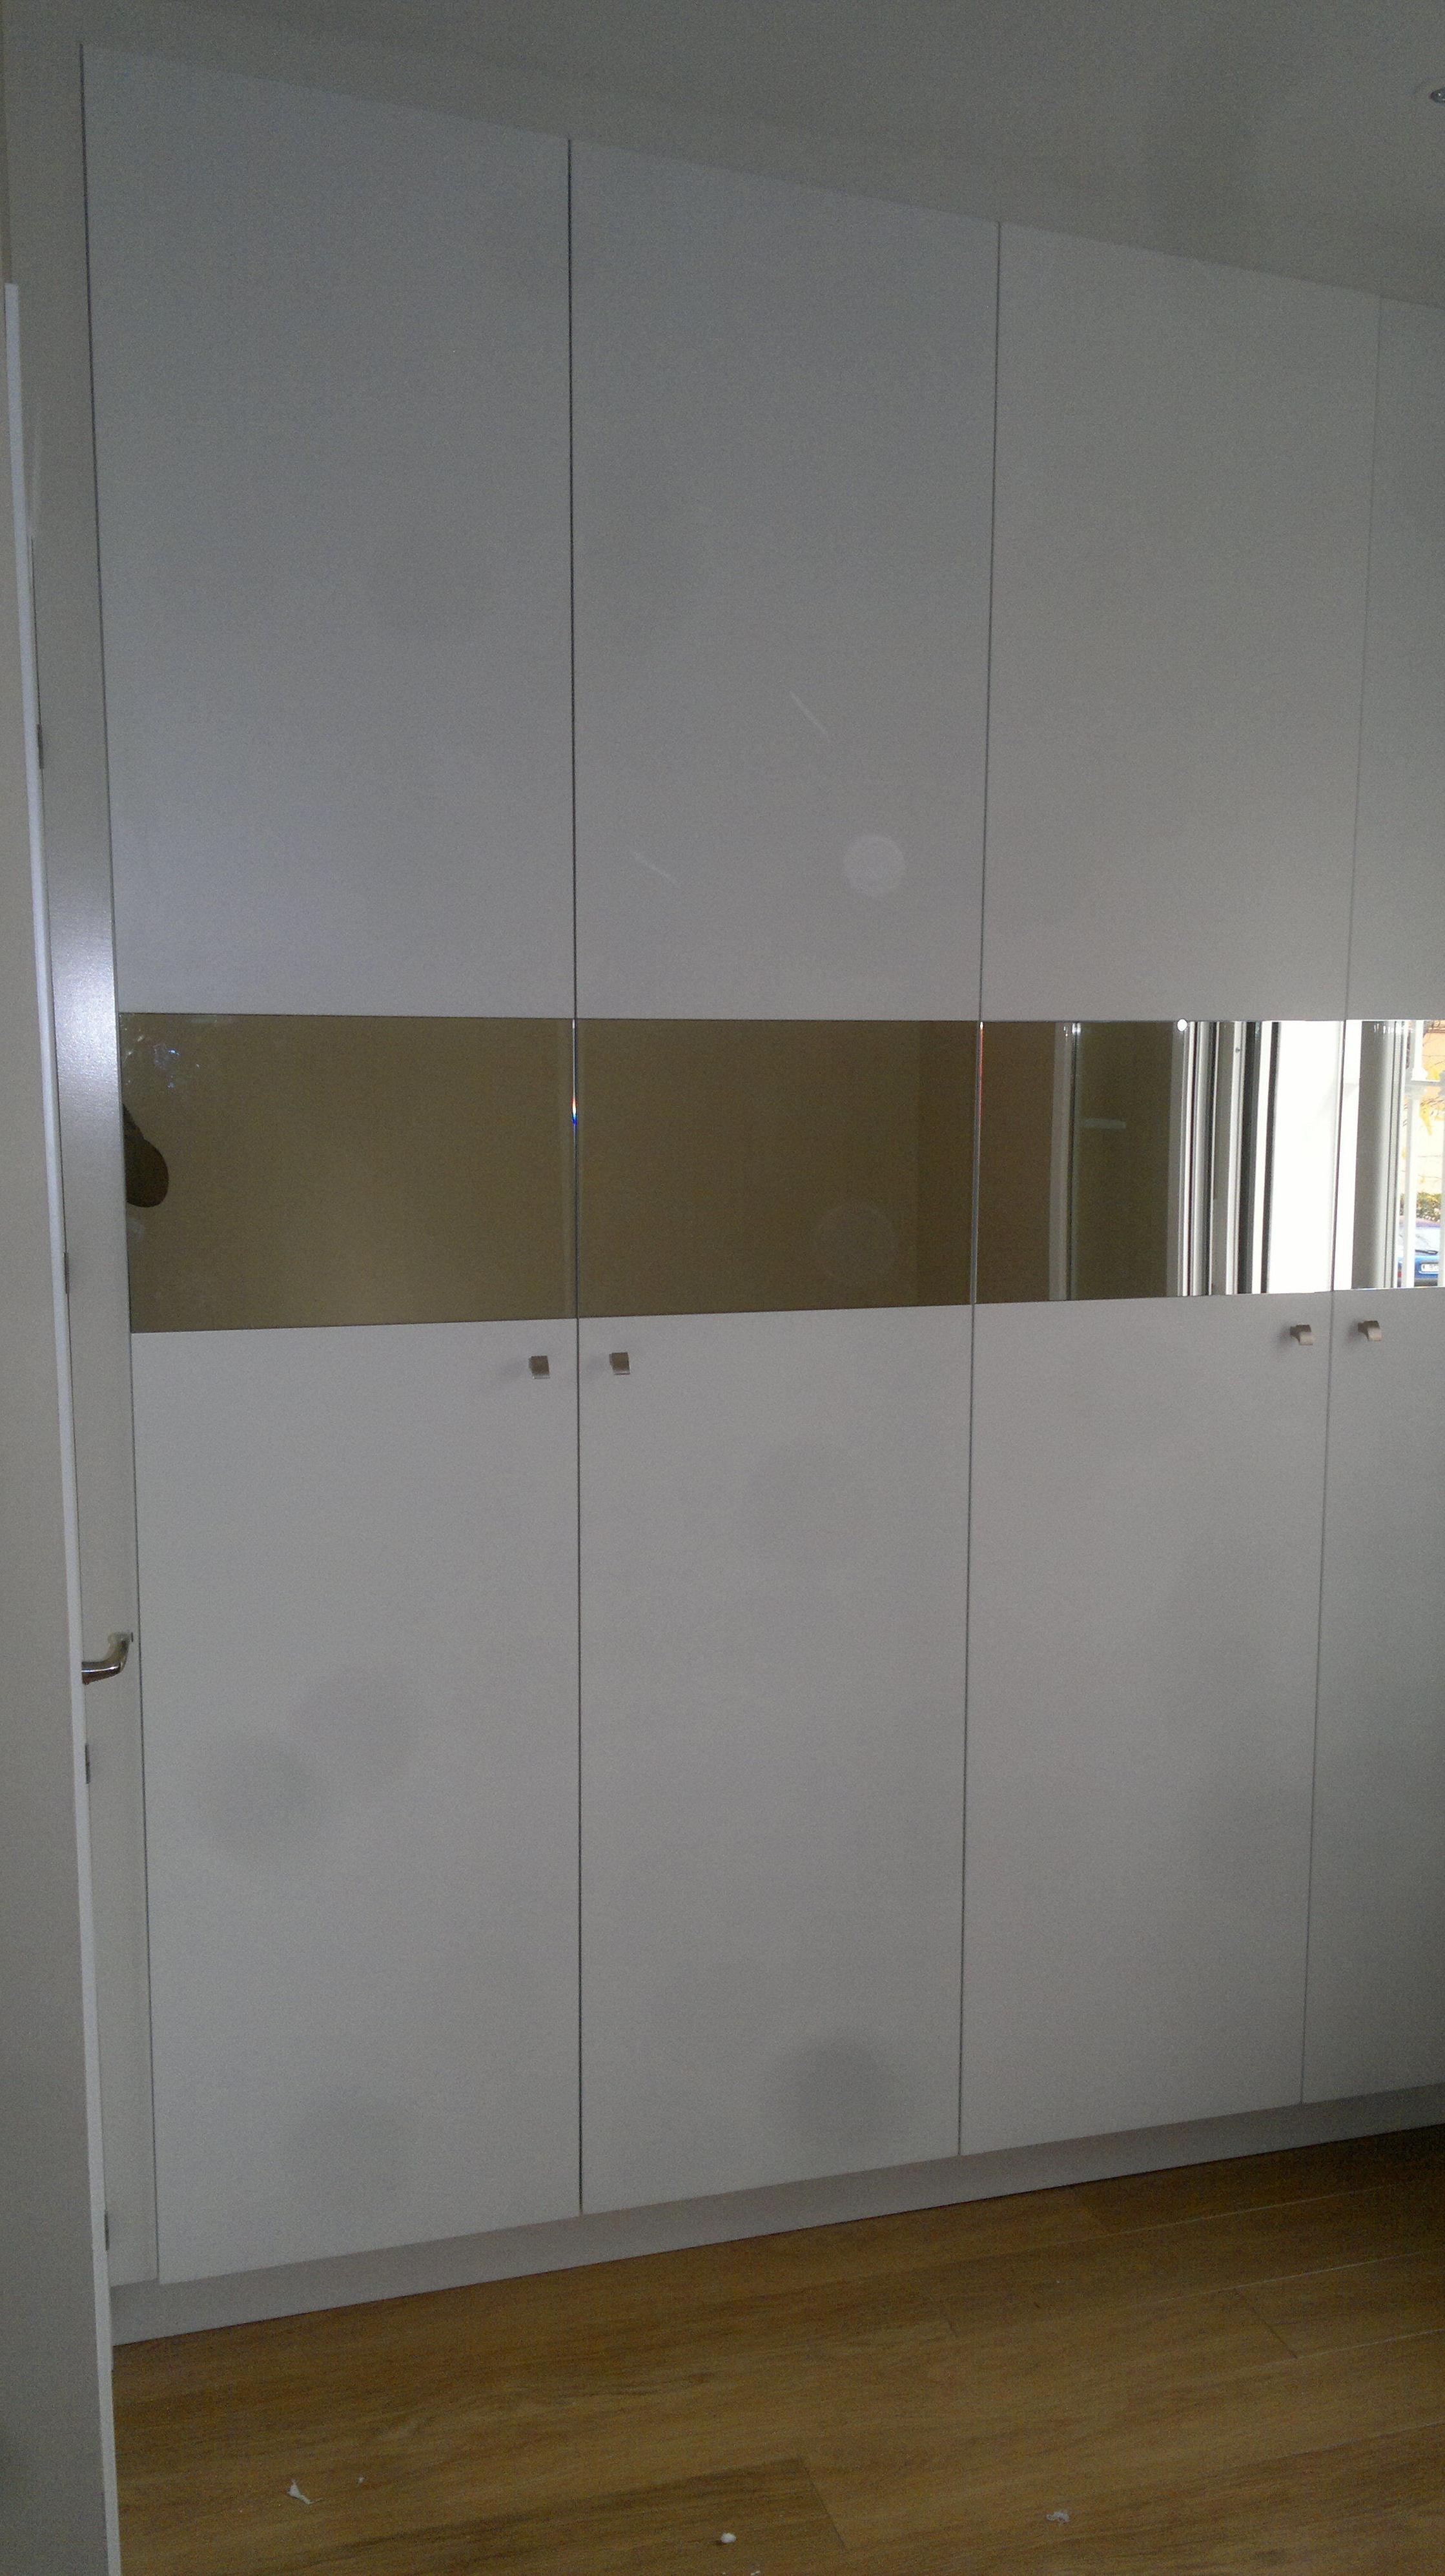 Armario con puertas acristaladas